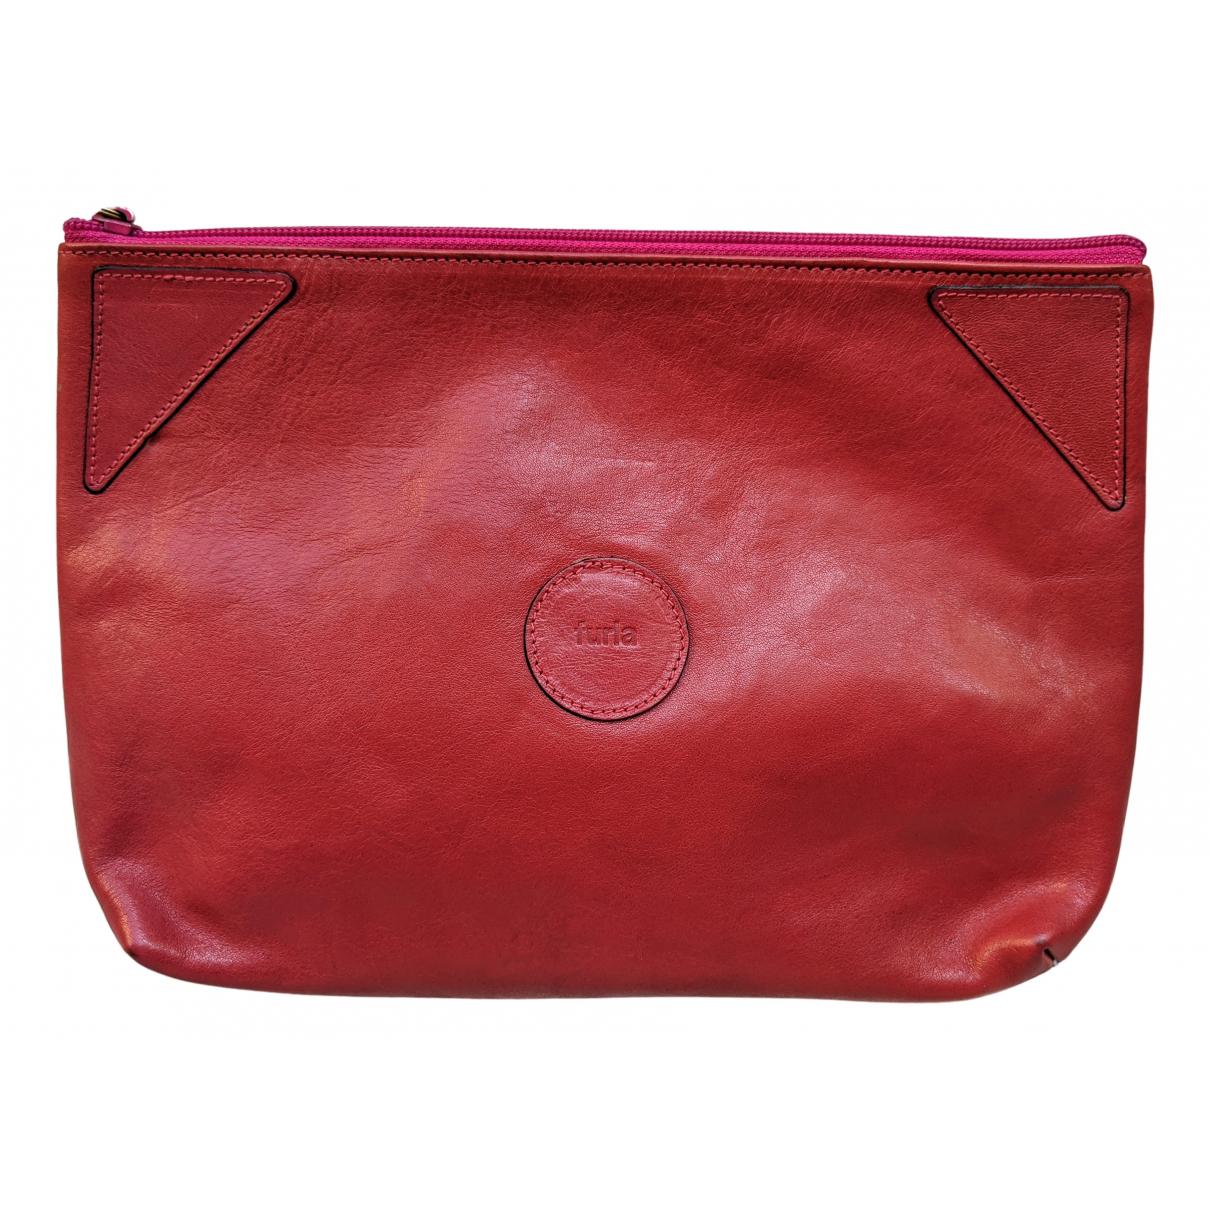 Furla \N Burgundy Leather Clutch bag for Women \N